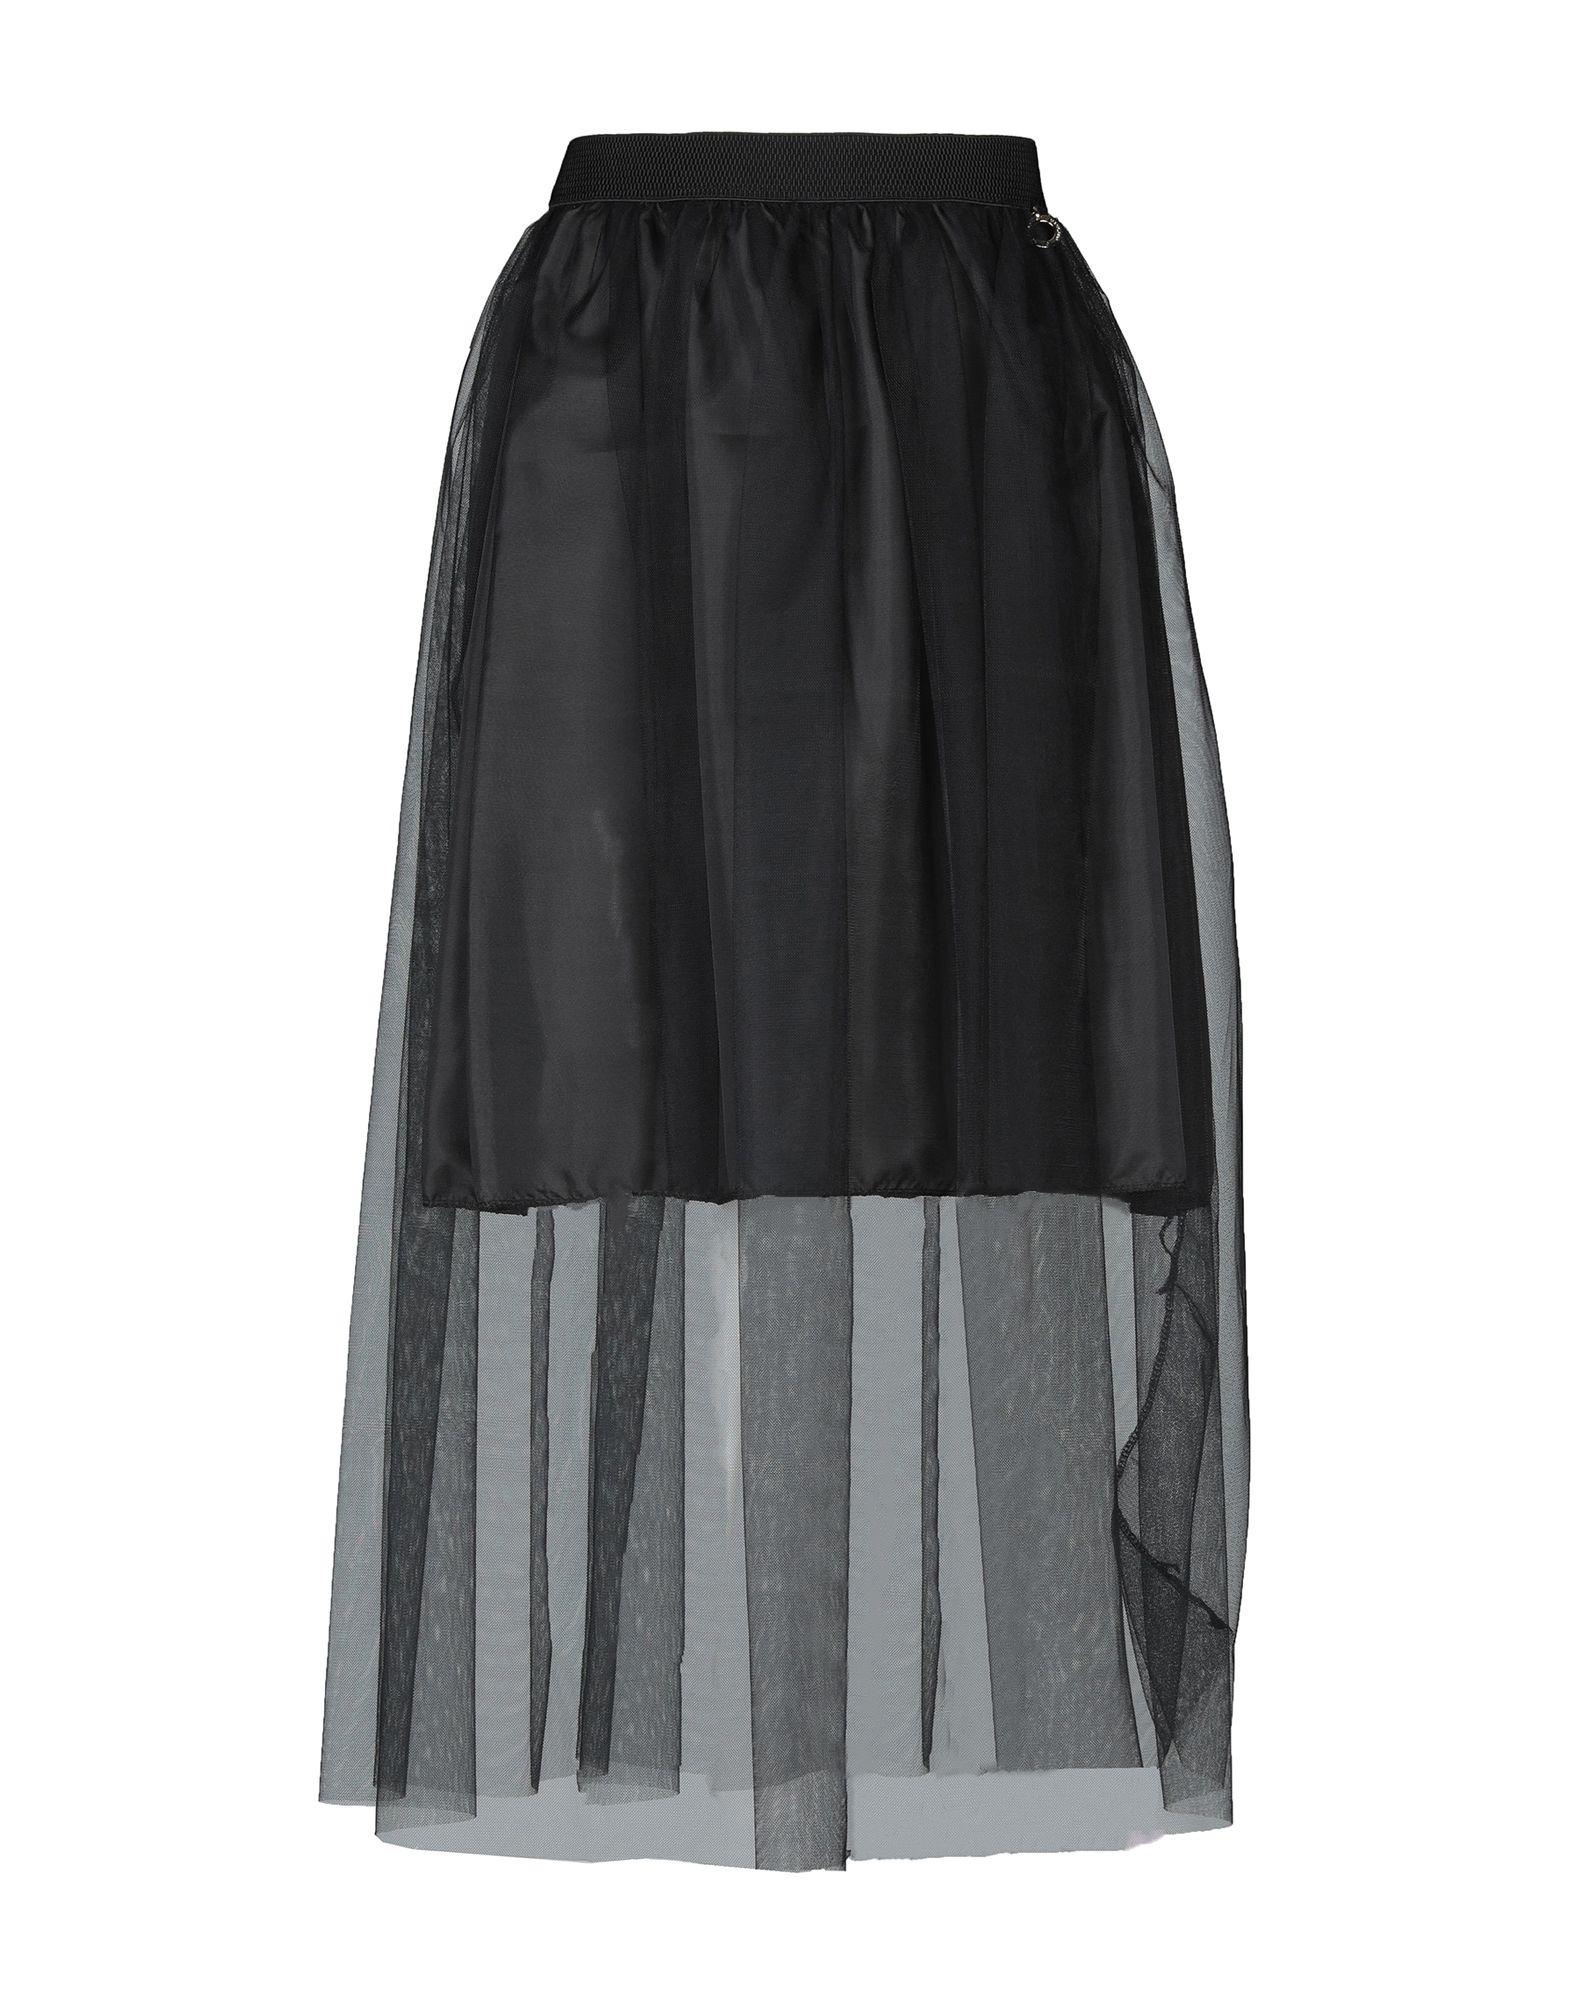 MANGANO Длинная юбка met длинная юбка